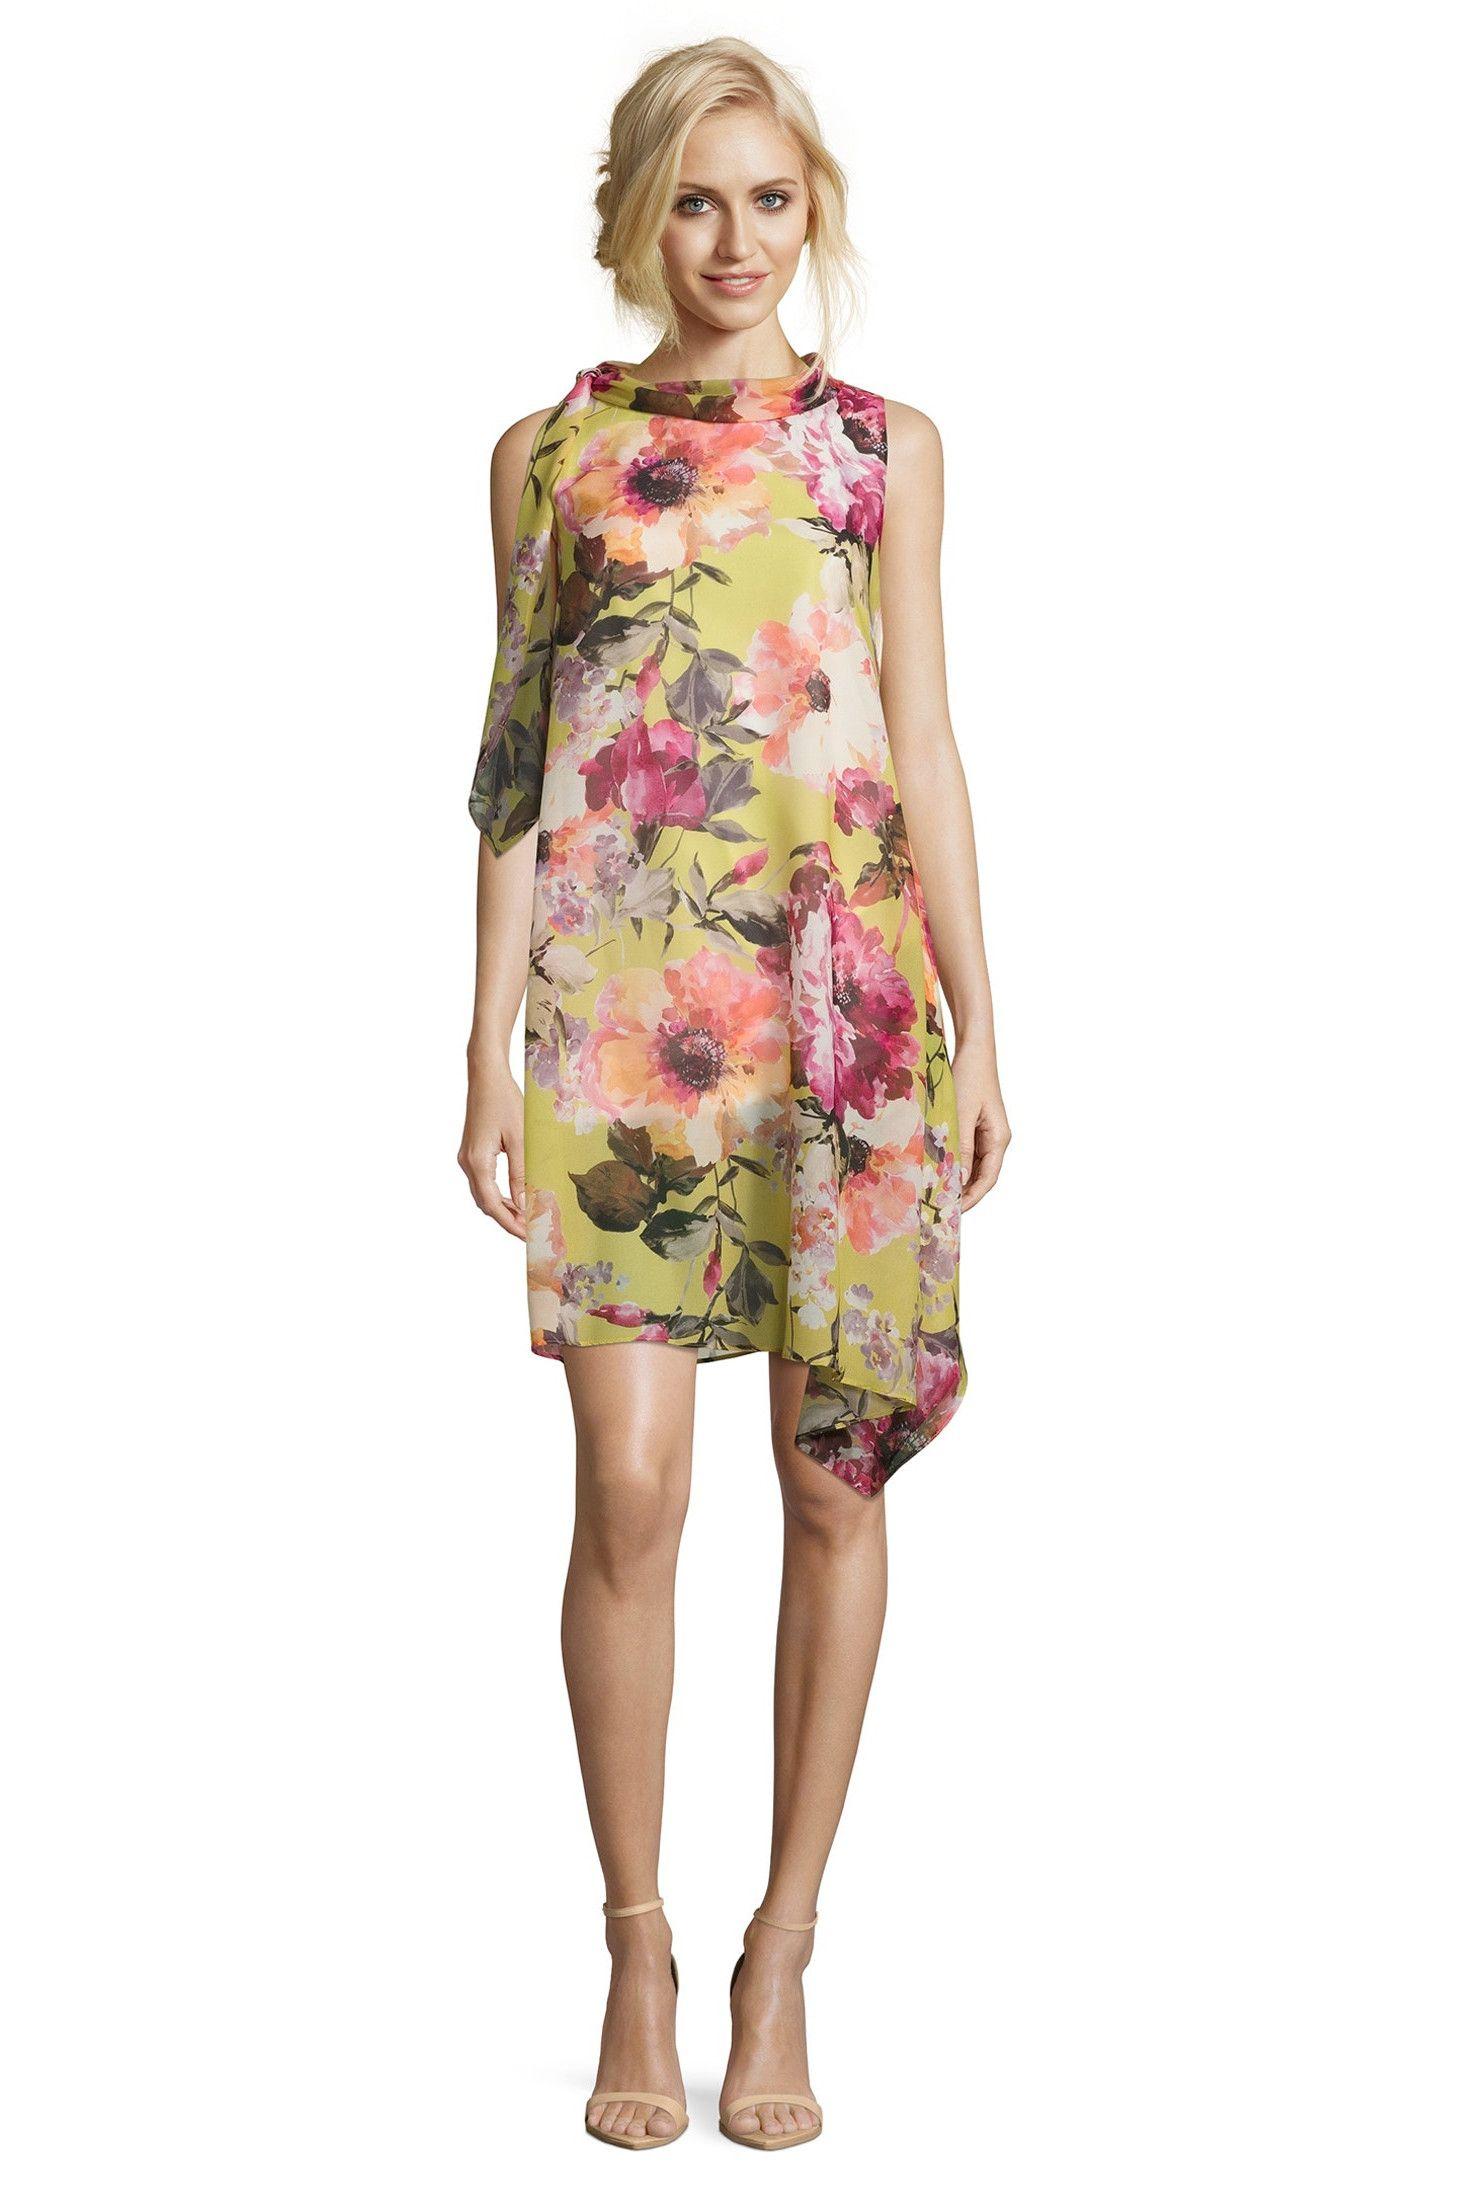 Leichtes Sommerkleid aus Chiffon | Abendkleid, Modestil ...